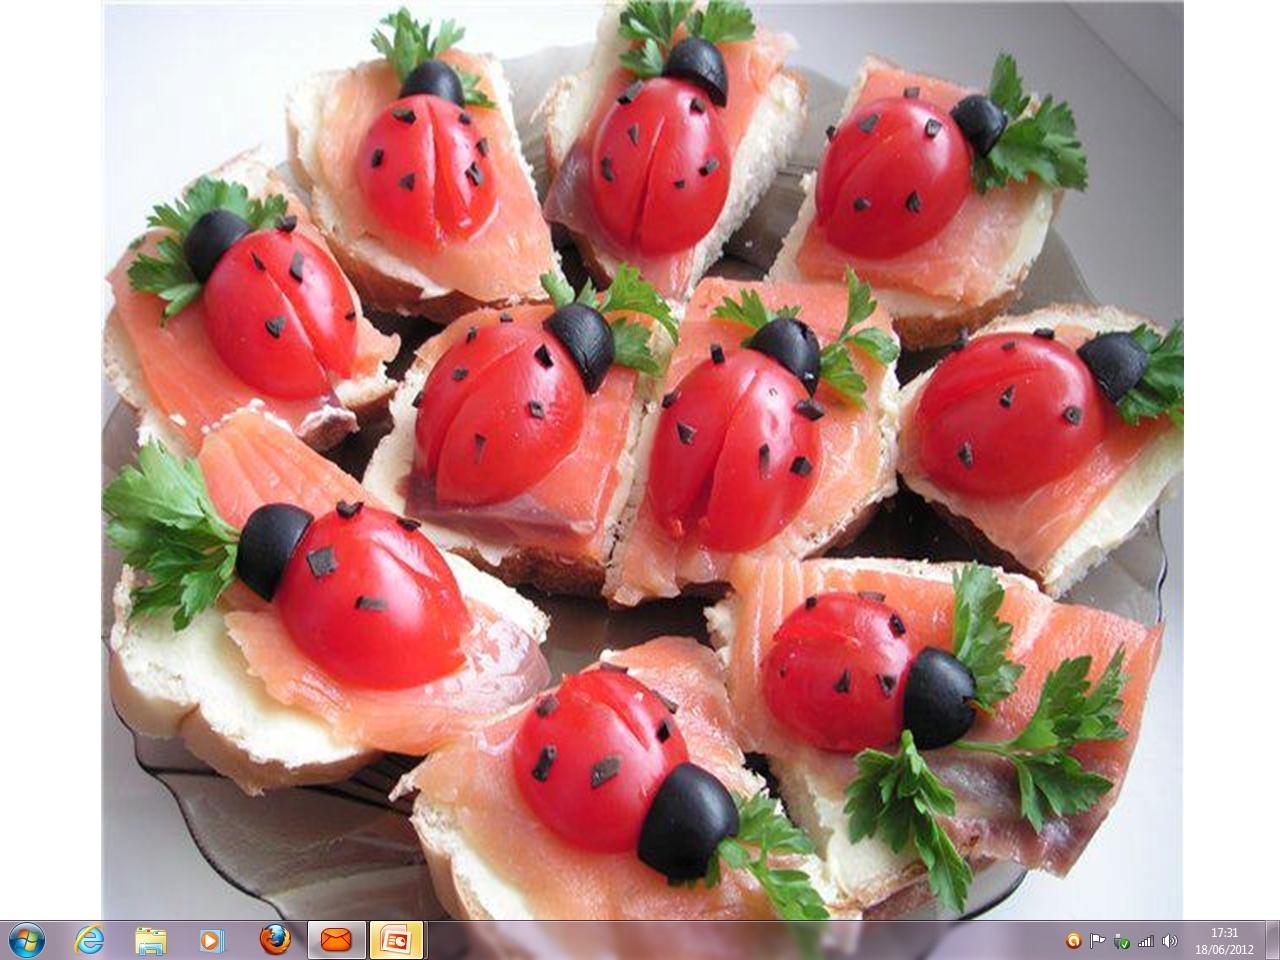 Gianna il bene in noi arte culinaria for Piatti decorati